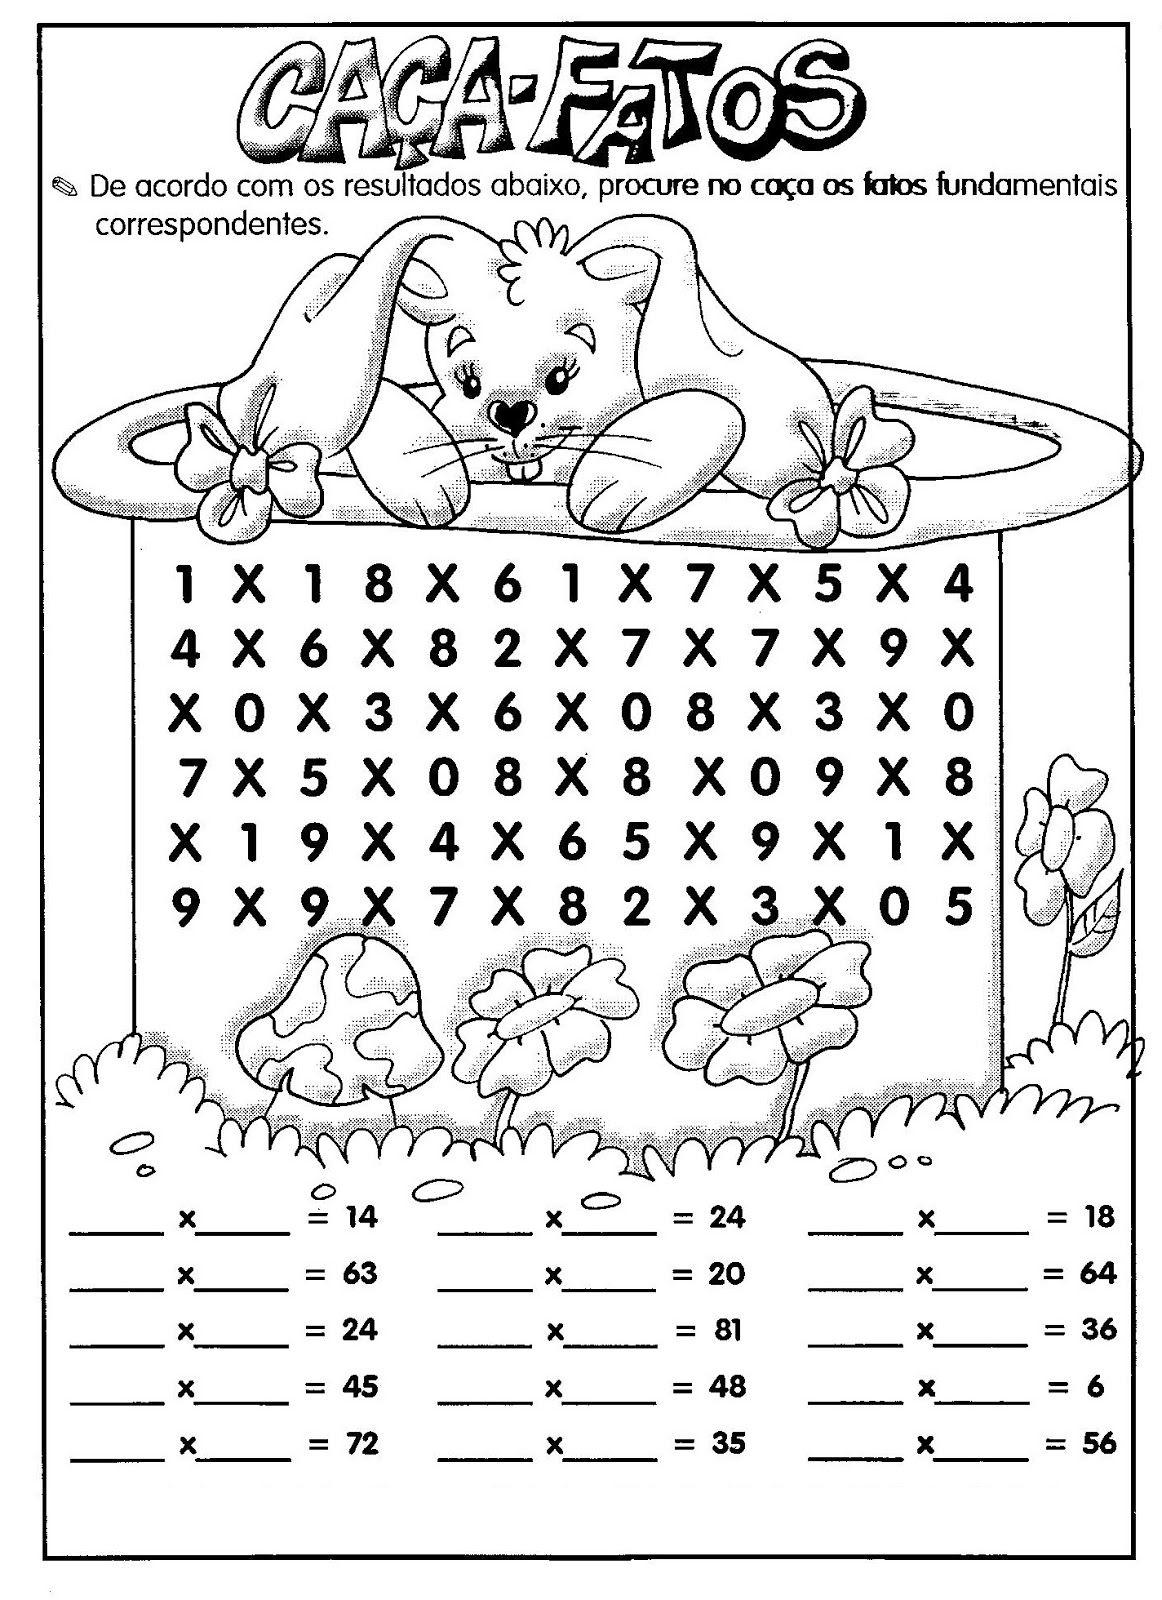 Fabuloso 37 Atividades Educativas de Multiplicação | Atividades de  PM51